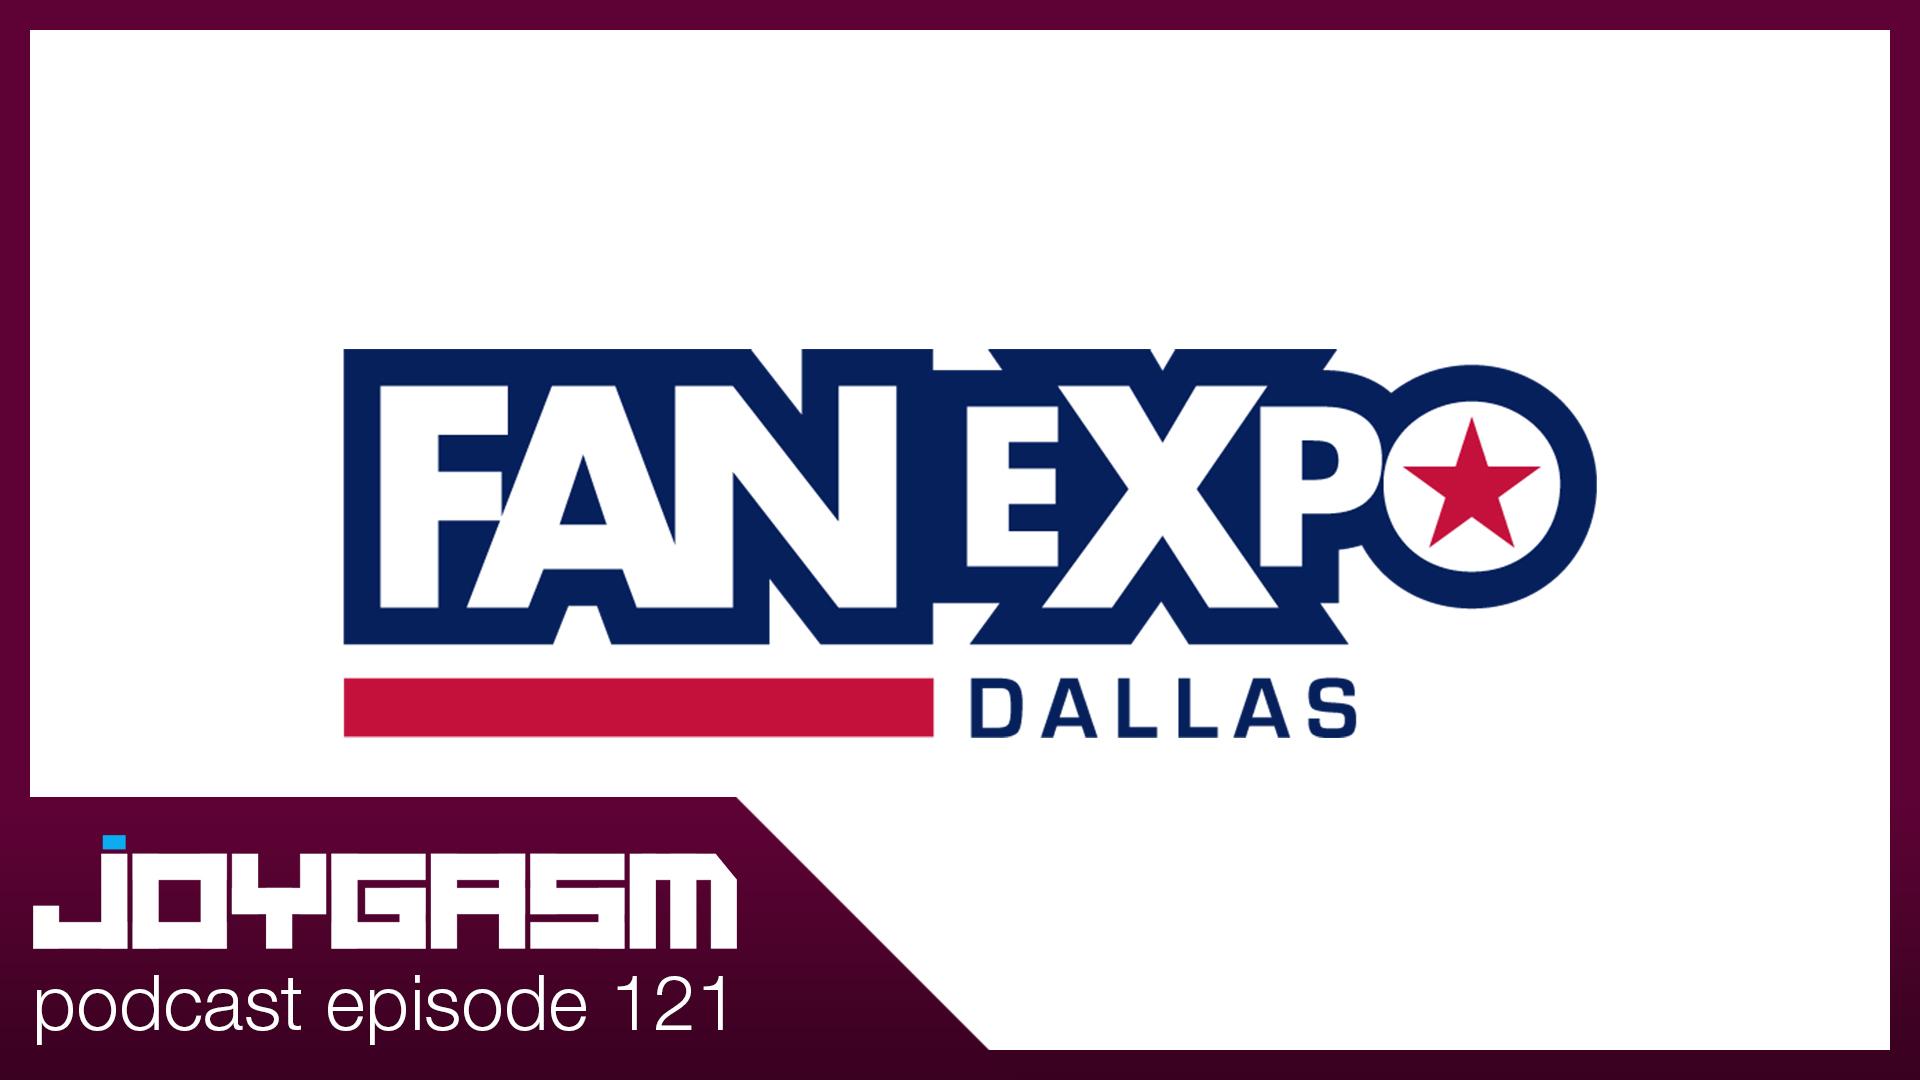 Ep. 121: Fan Expo Dallas 2019